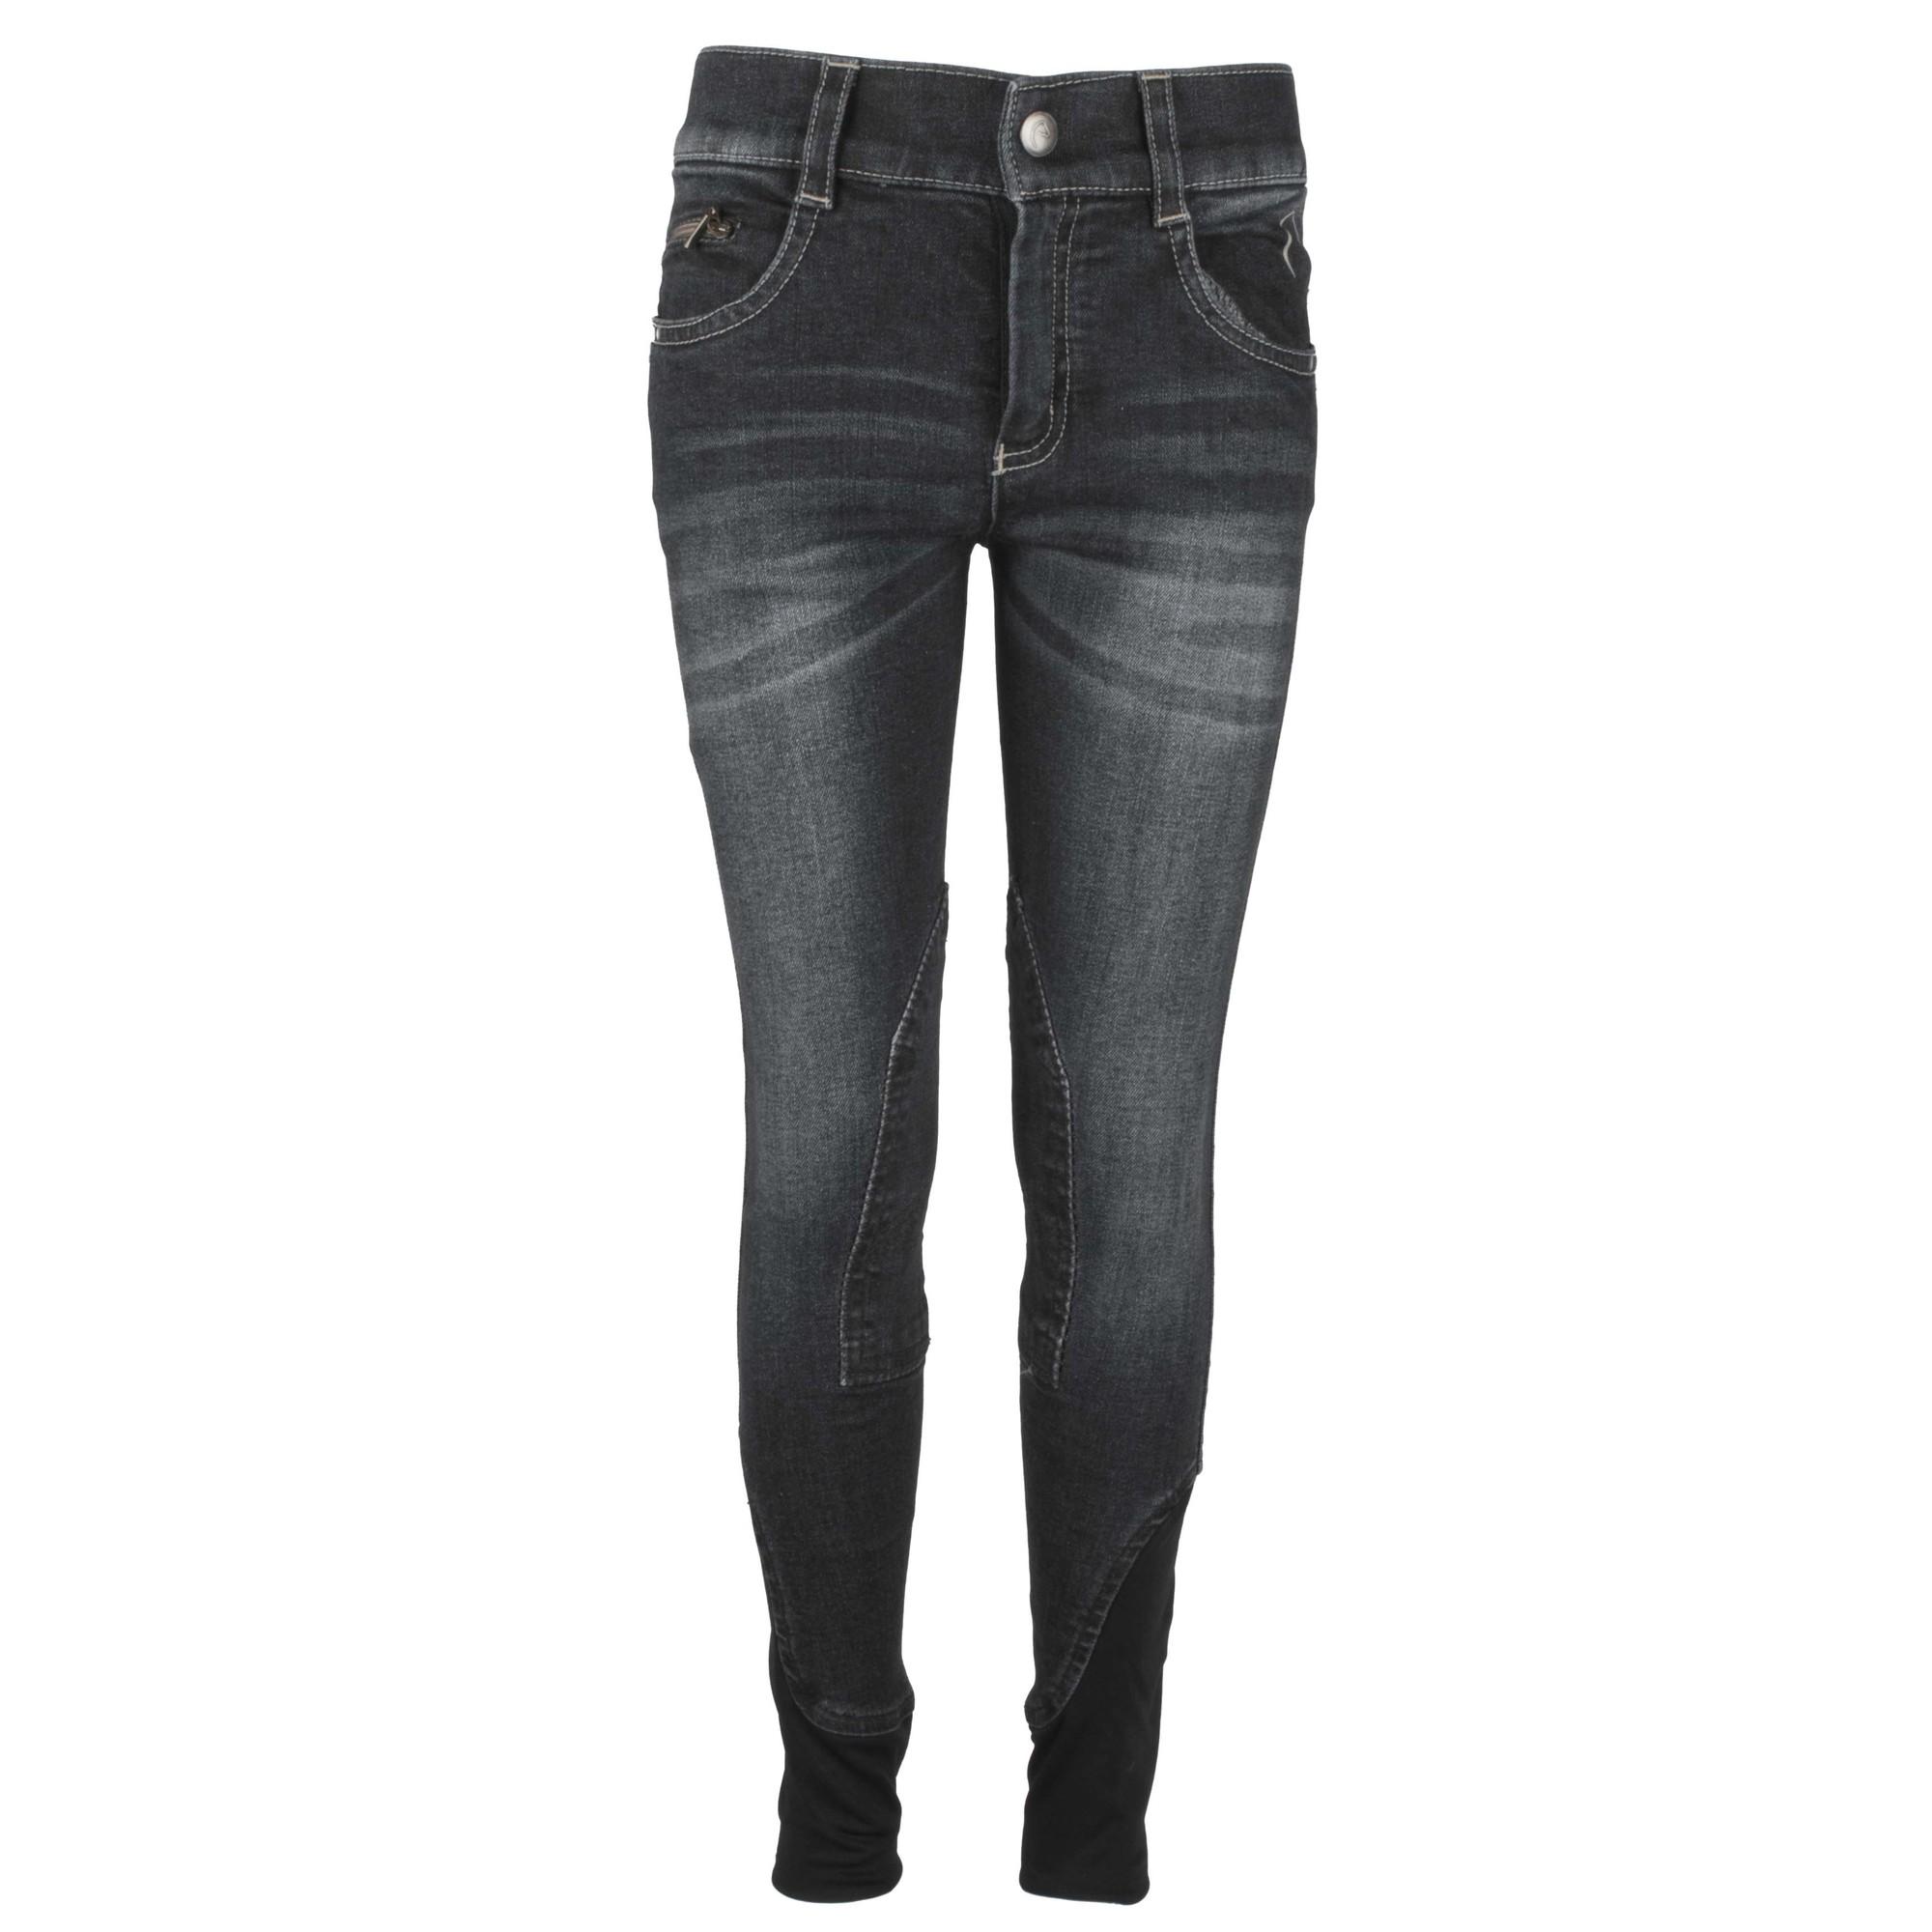 Equitheme Texas jeans kinder rijbroek zwart maat:176